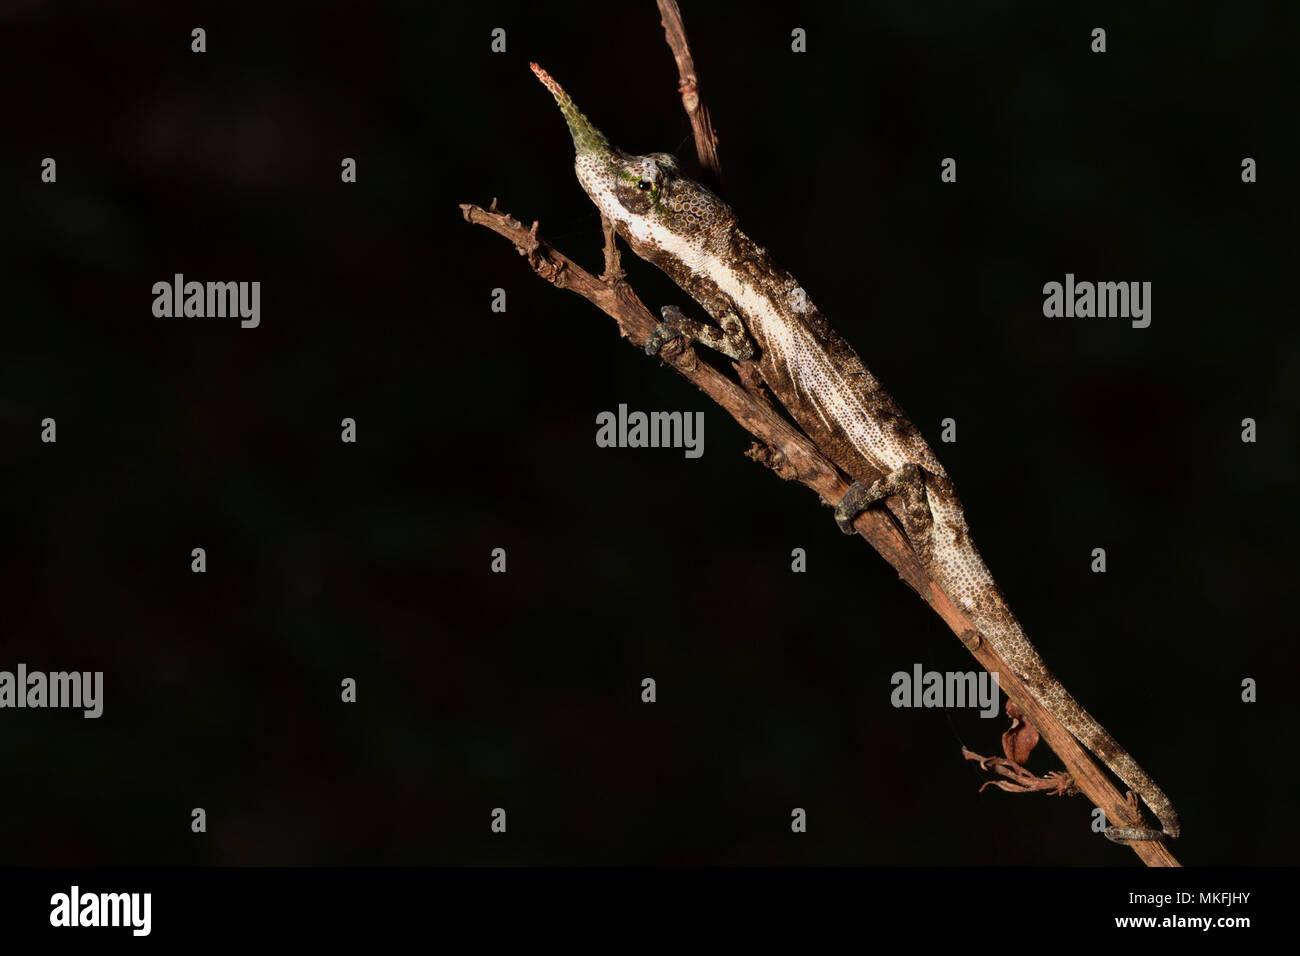 Lance - gerochen Chameleon (Calumma gallus) männlichen auf einem Zweig, Andasibe, Perinet, Alaotra-Mangoro Region, Madagaskar Stockbild